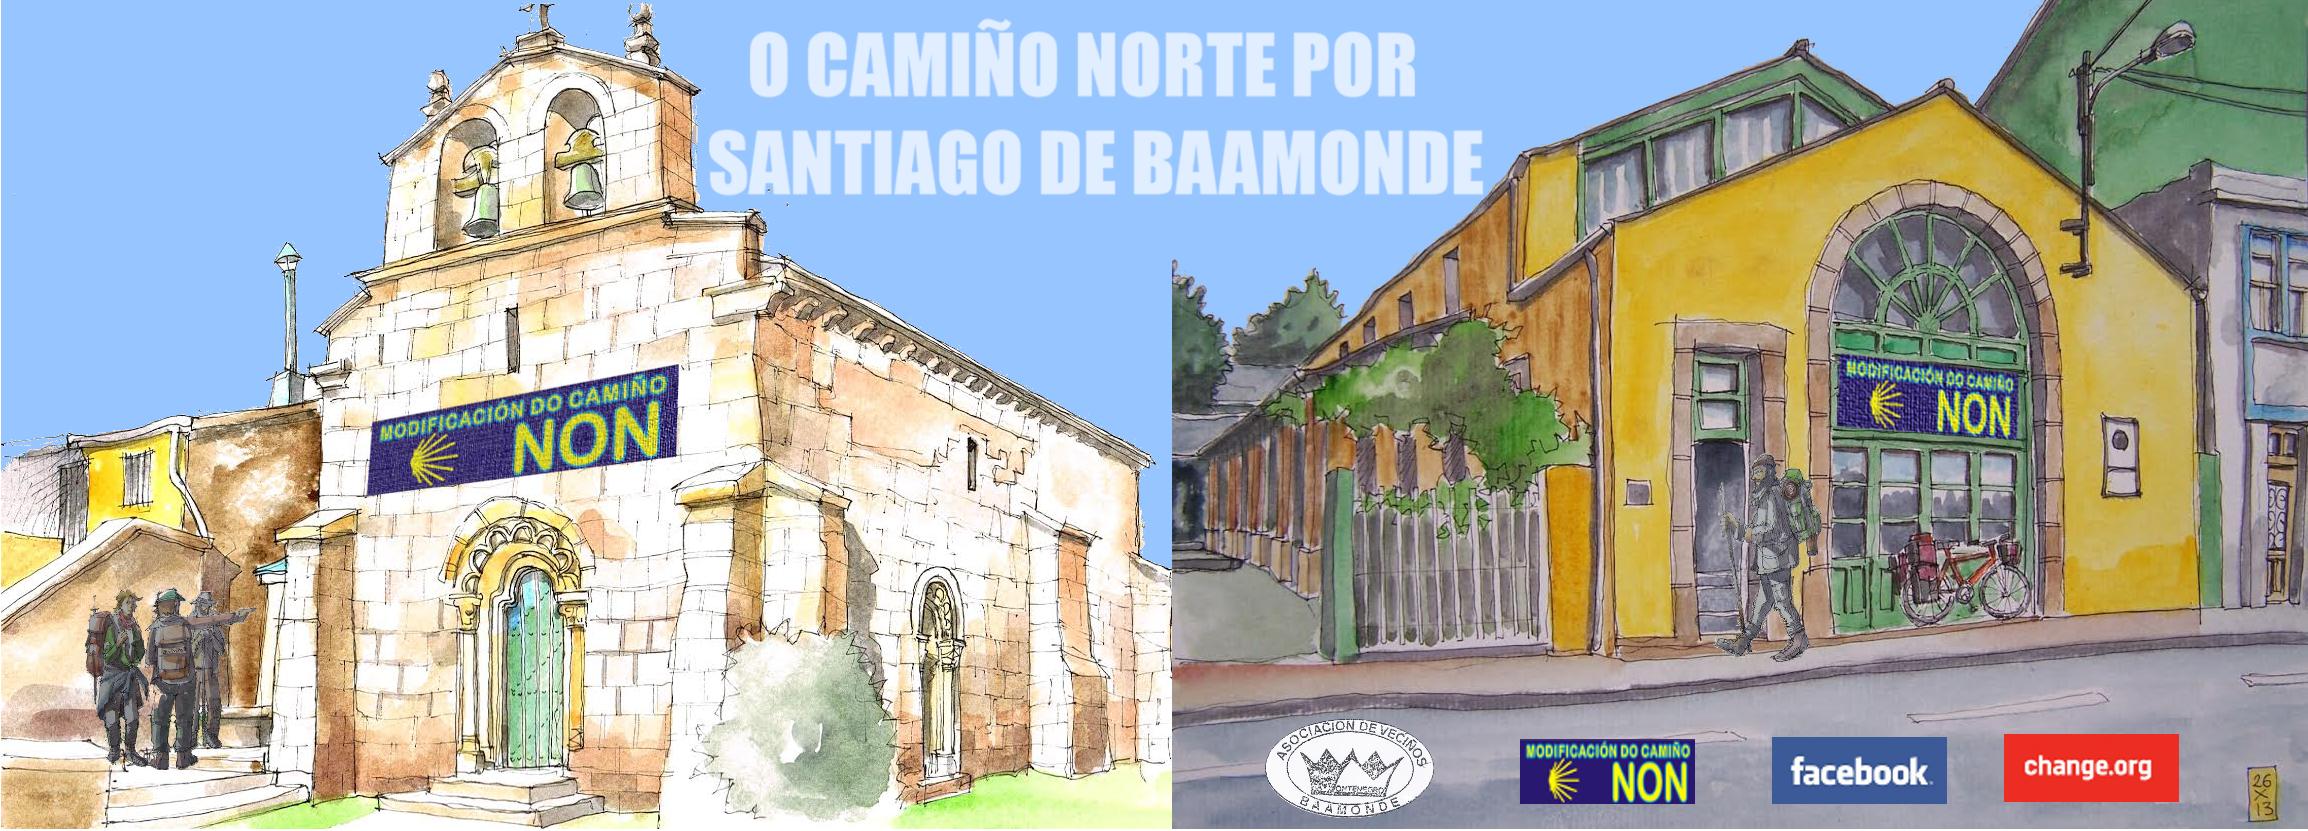 O Camiño Norte por Santiago de Baamonde | Modificación do Camiño, NON